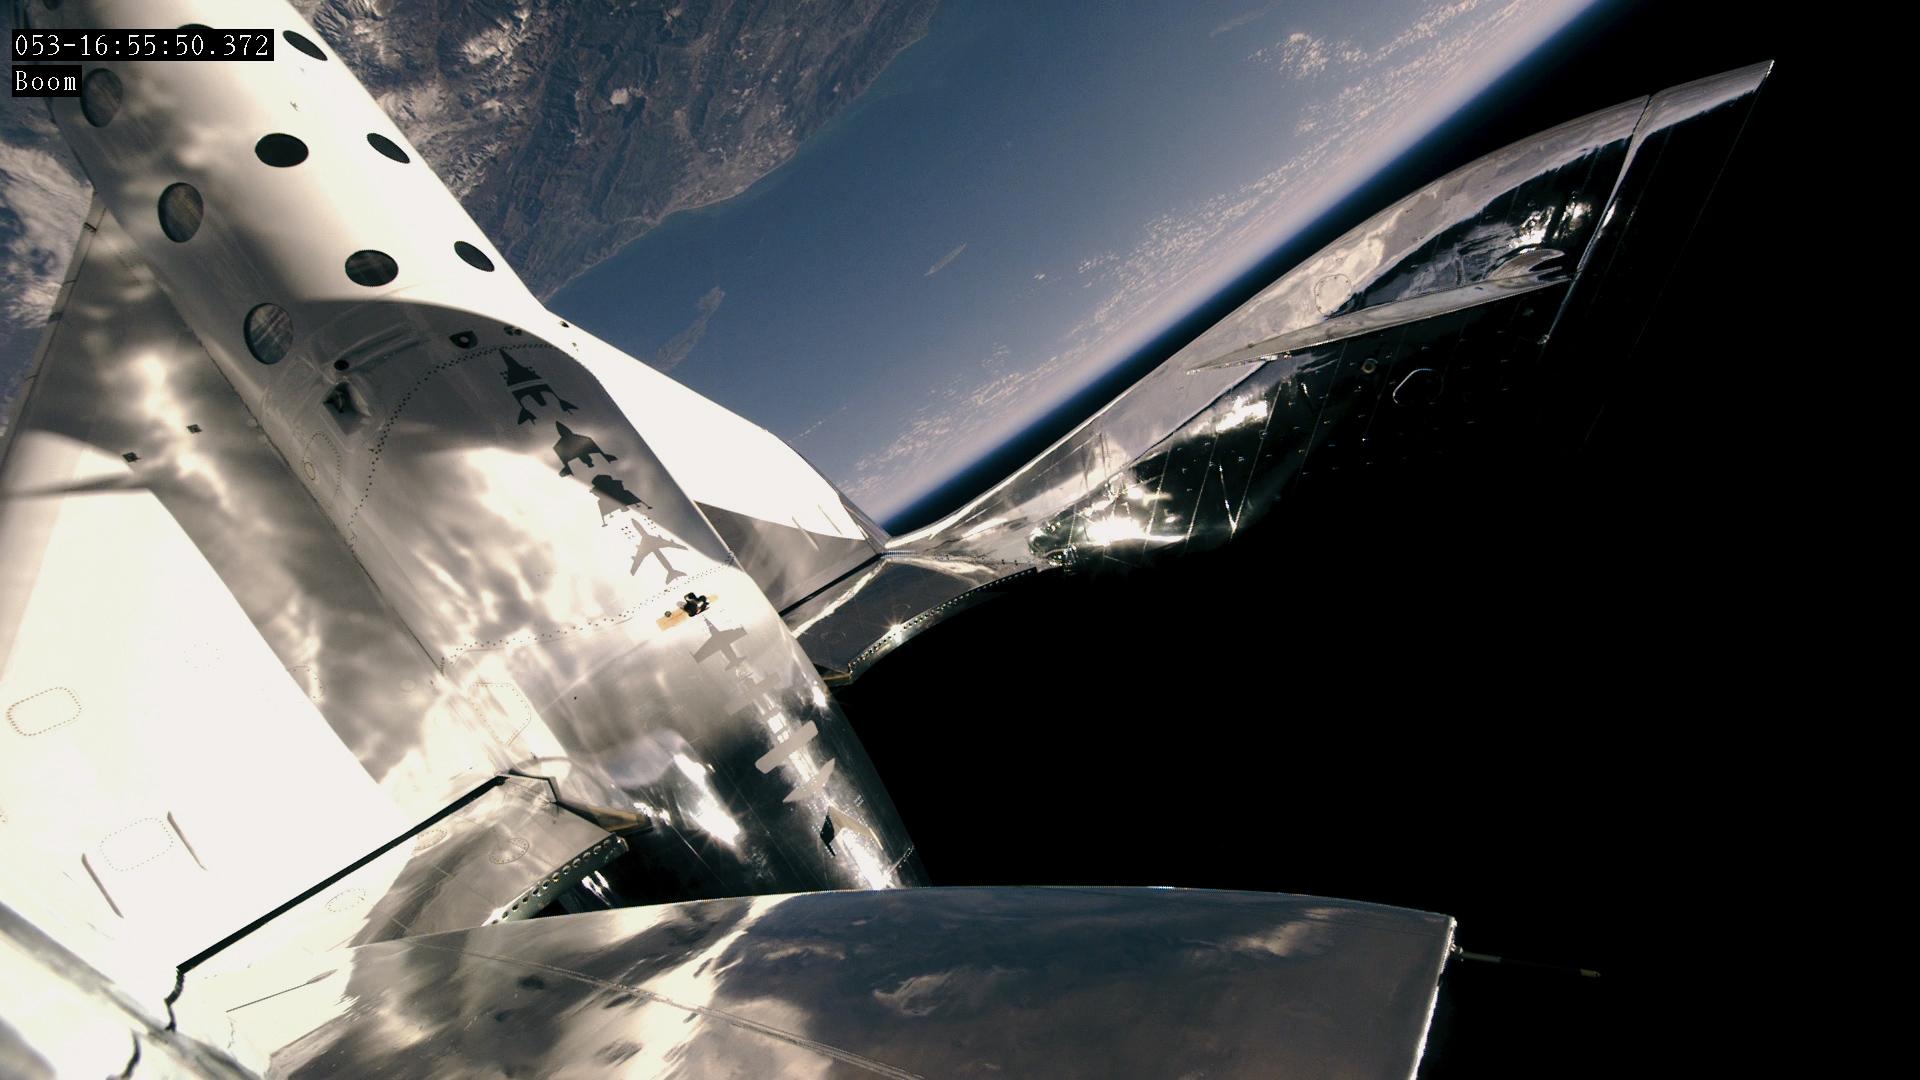 Profitant de l'emballement pour le tourisme spatial, Virgin Galactic surclasse Tesla à Wall Street